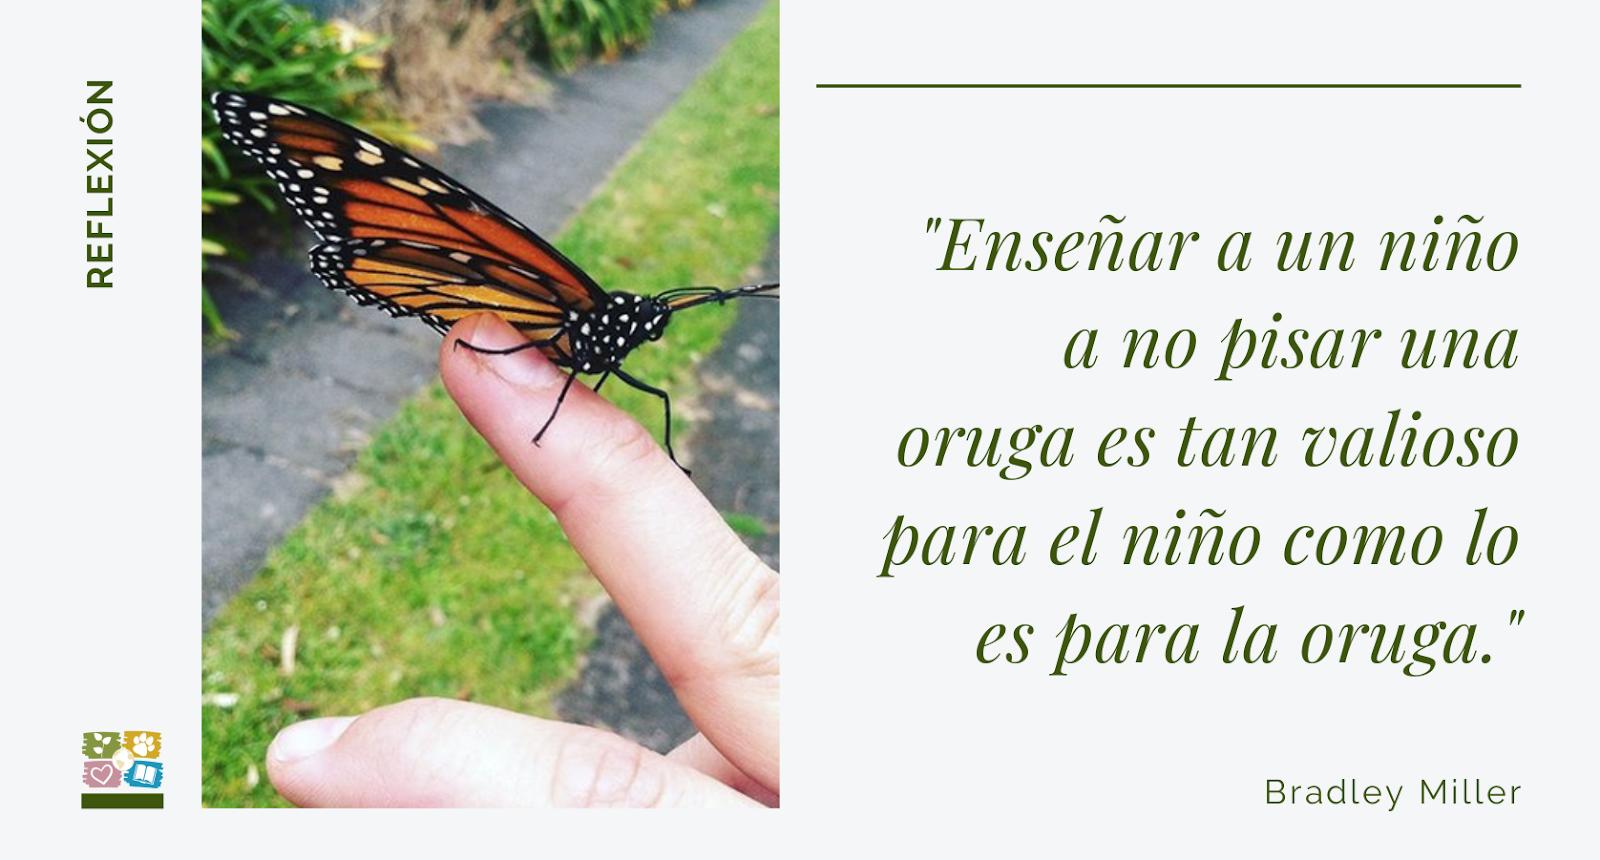 Foto de mariposa en mano con texto: Enseñar a un niño a no pisar una oruga es tan valioso para el niño como lo es para la oruga. Bradley Miller.